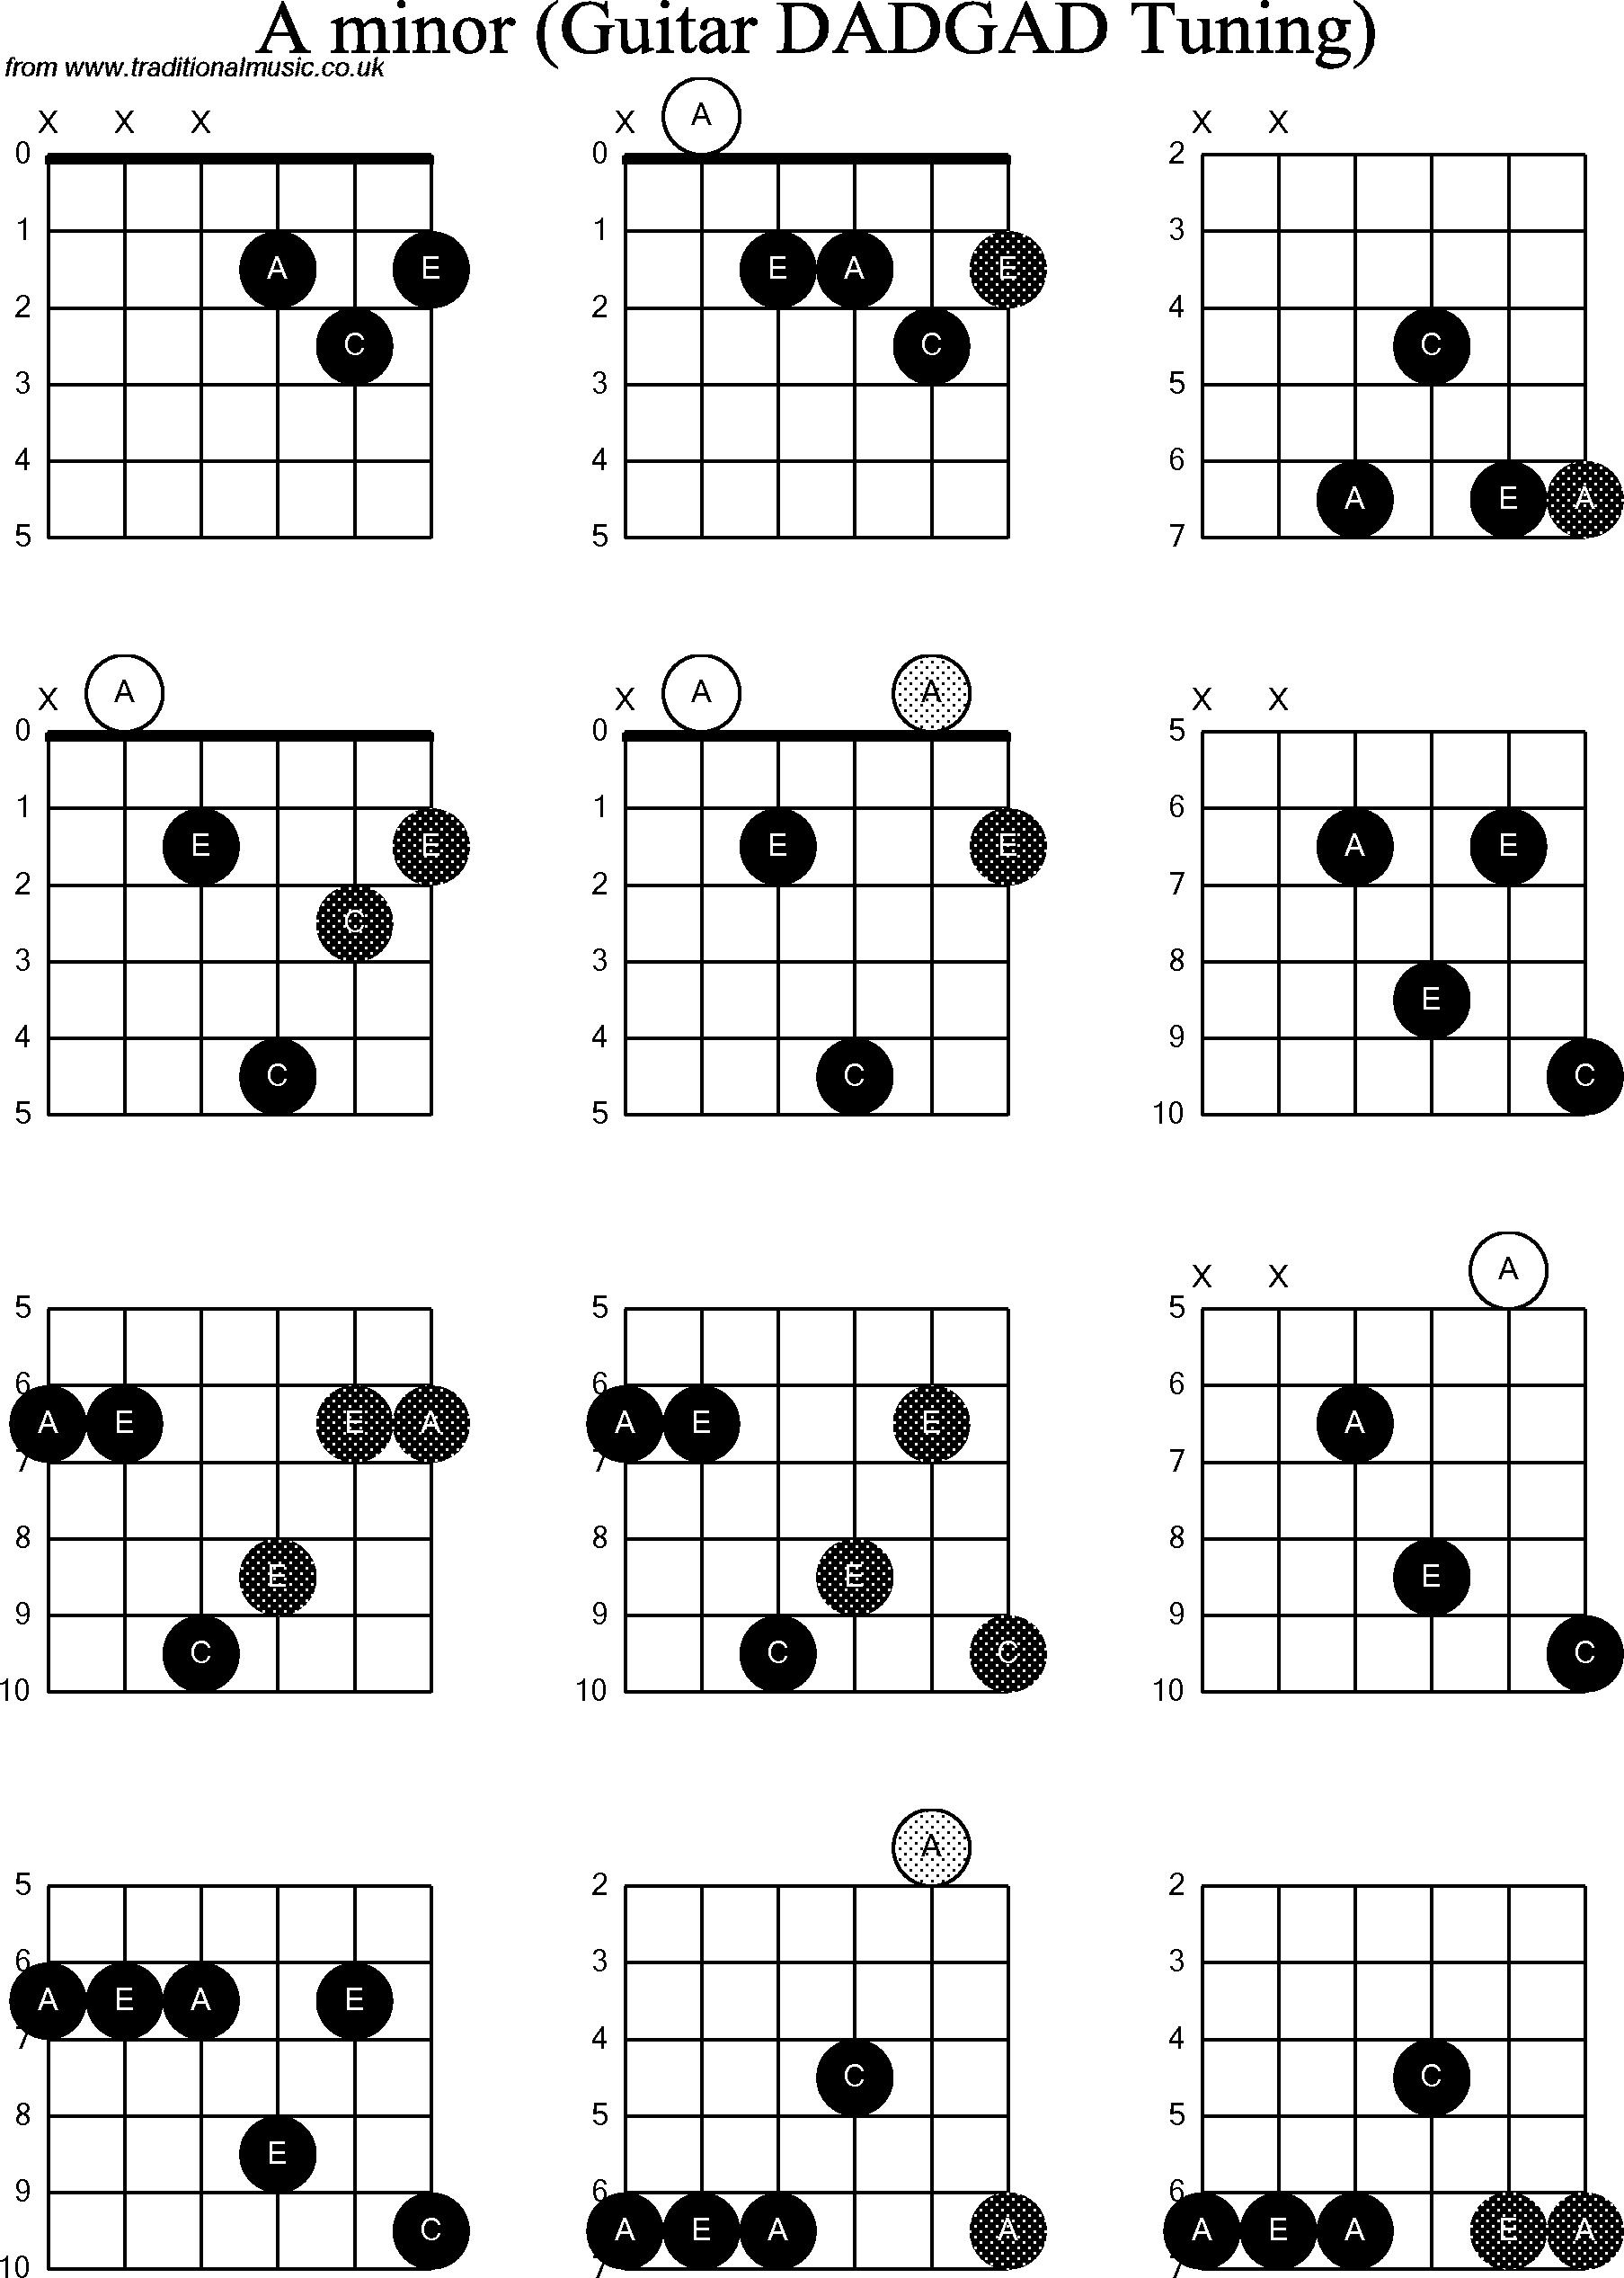 A Minor Chord Chord Diagrams D Modal Guitar Dadgad A Minor